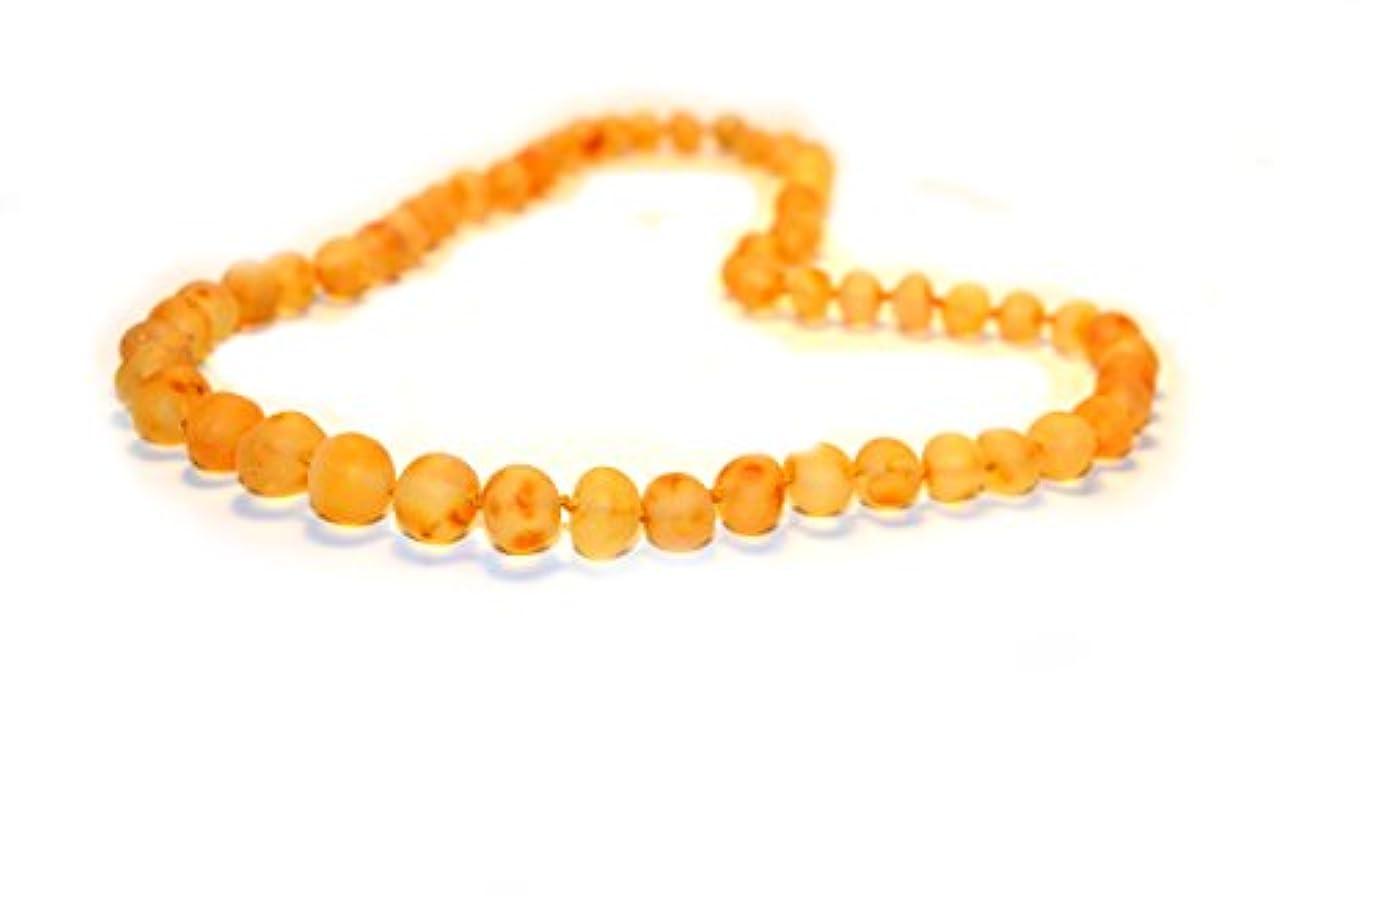 噂衝動アンプRaw Amberネックレス大人用 – 18 – 21.6インチ – amberjewelry – Madeから未研磨/ Authentic Baltic Amberビーズ 17.7 inches (45 cm) イエロー